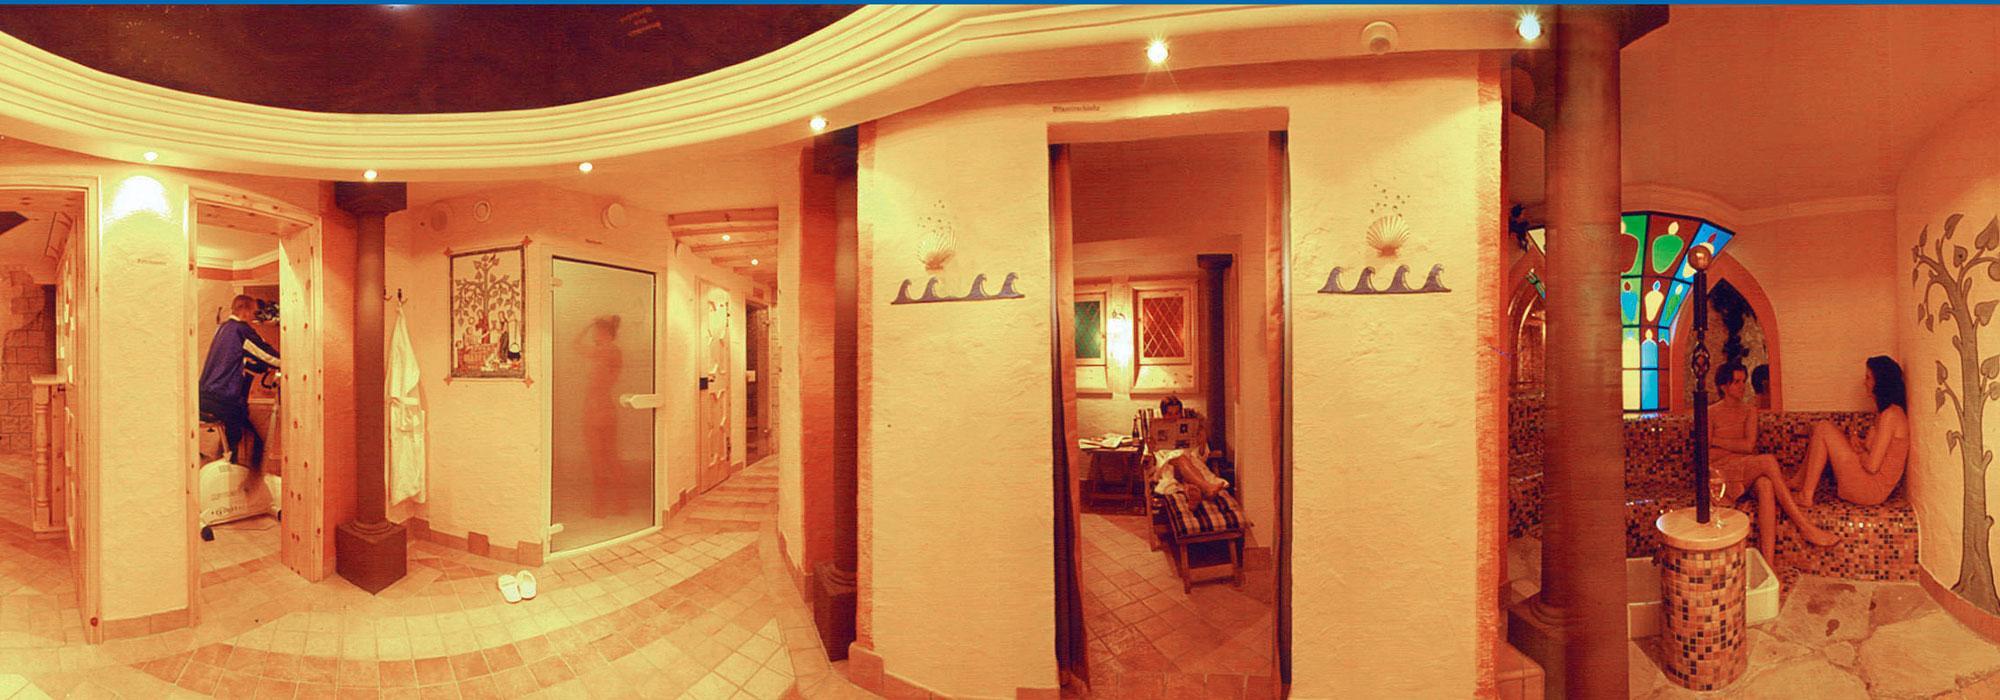 wellness im hotel am stadtring nordhorn. Black Bedroom Furniture Sets. Home Design Ideas